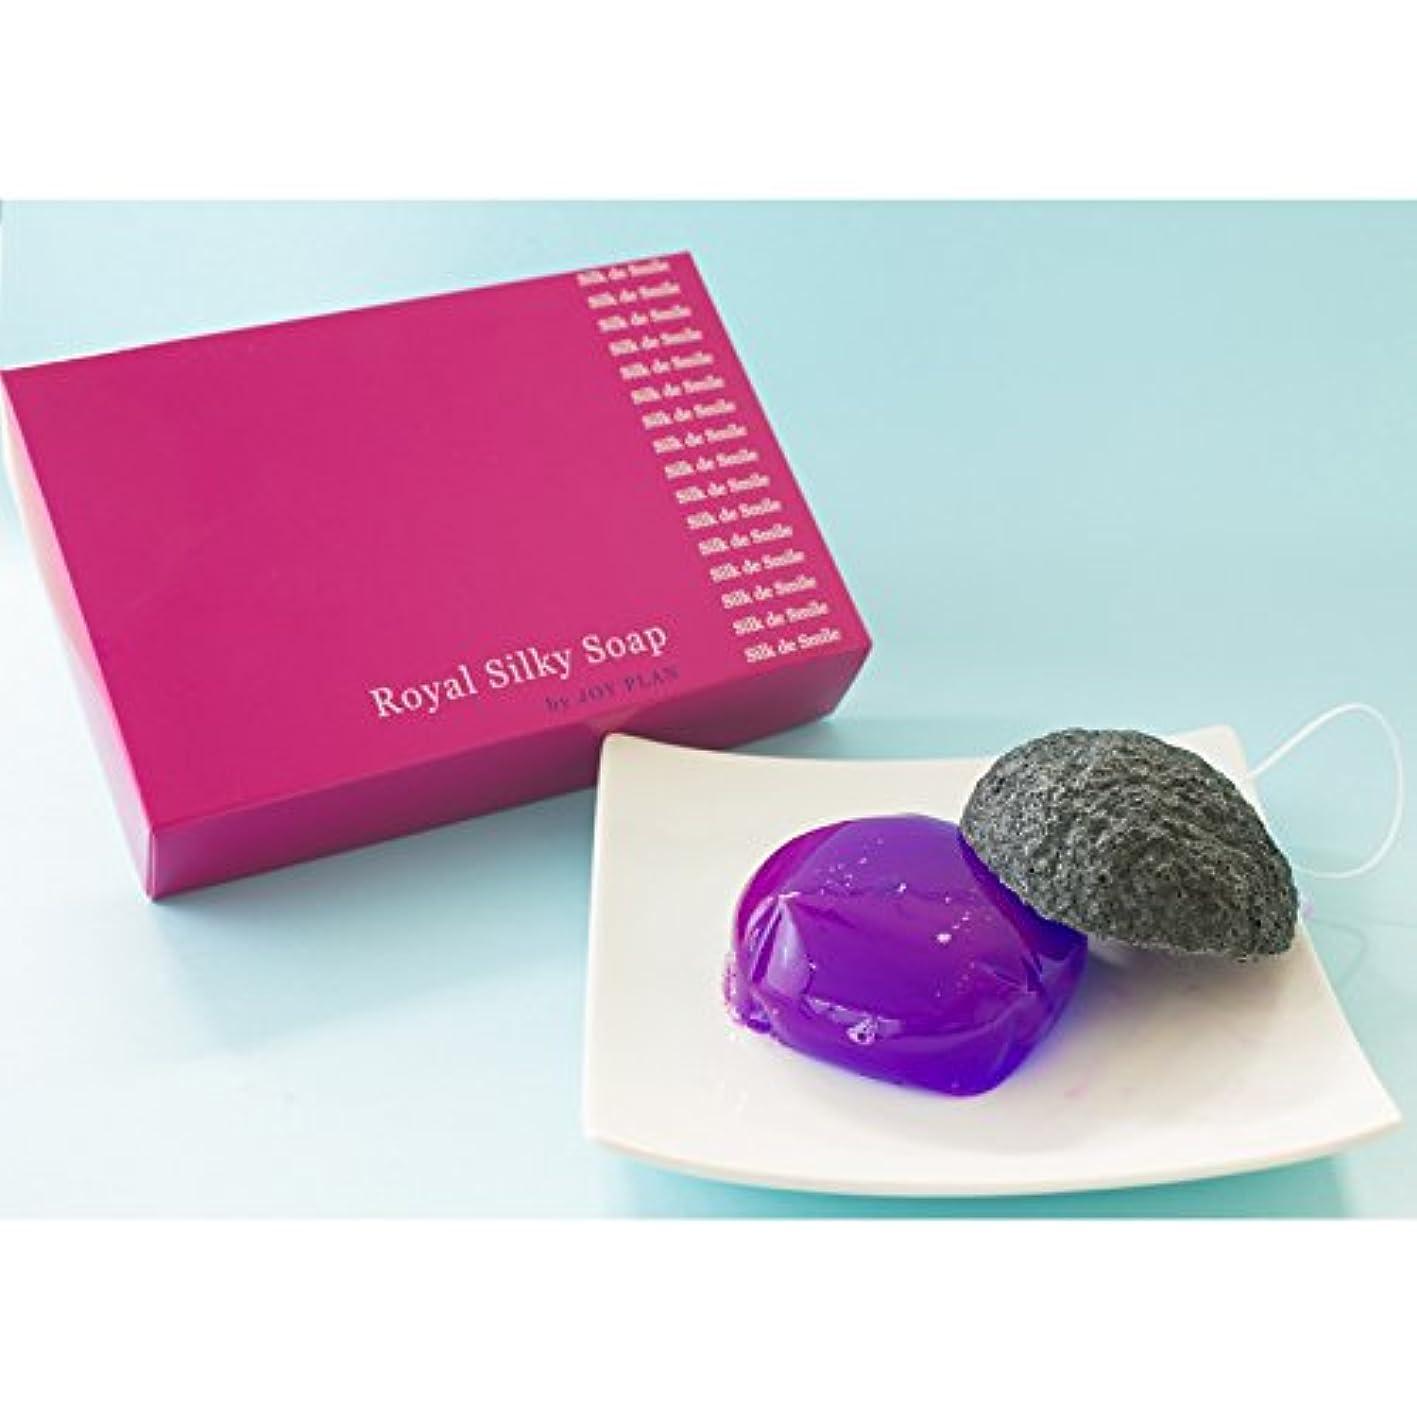 測定可能卑しい対象蒟蒻シルク洗顔石鹸「シルク デ スマイル」ローズ洗顔石鹸、蒟蒻パフセット